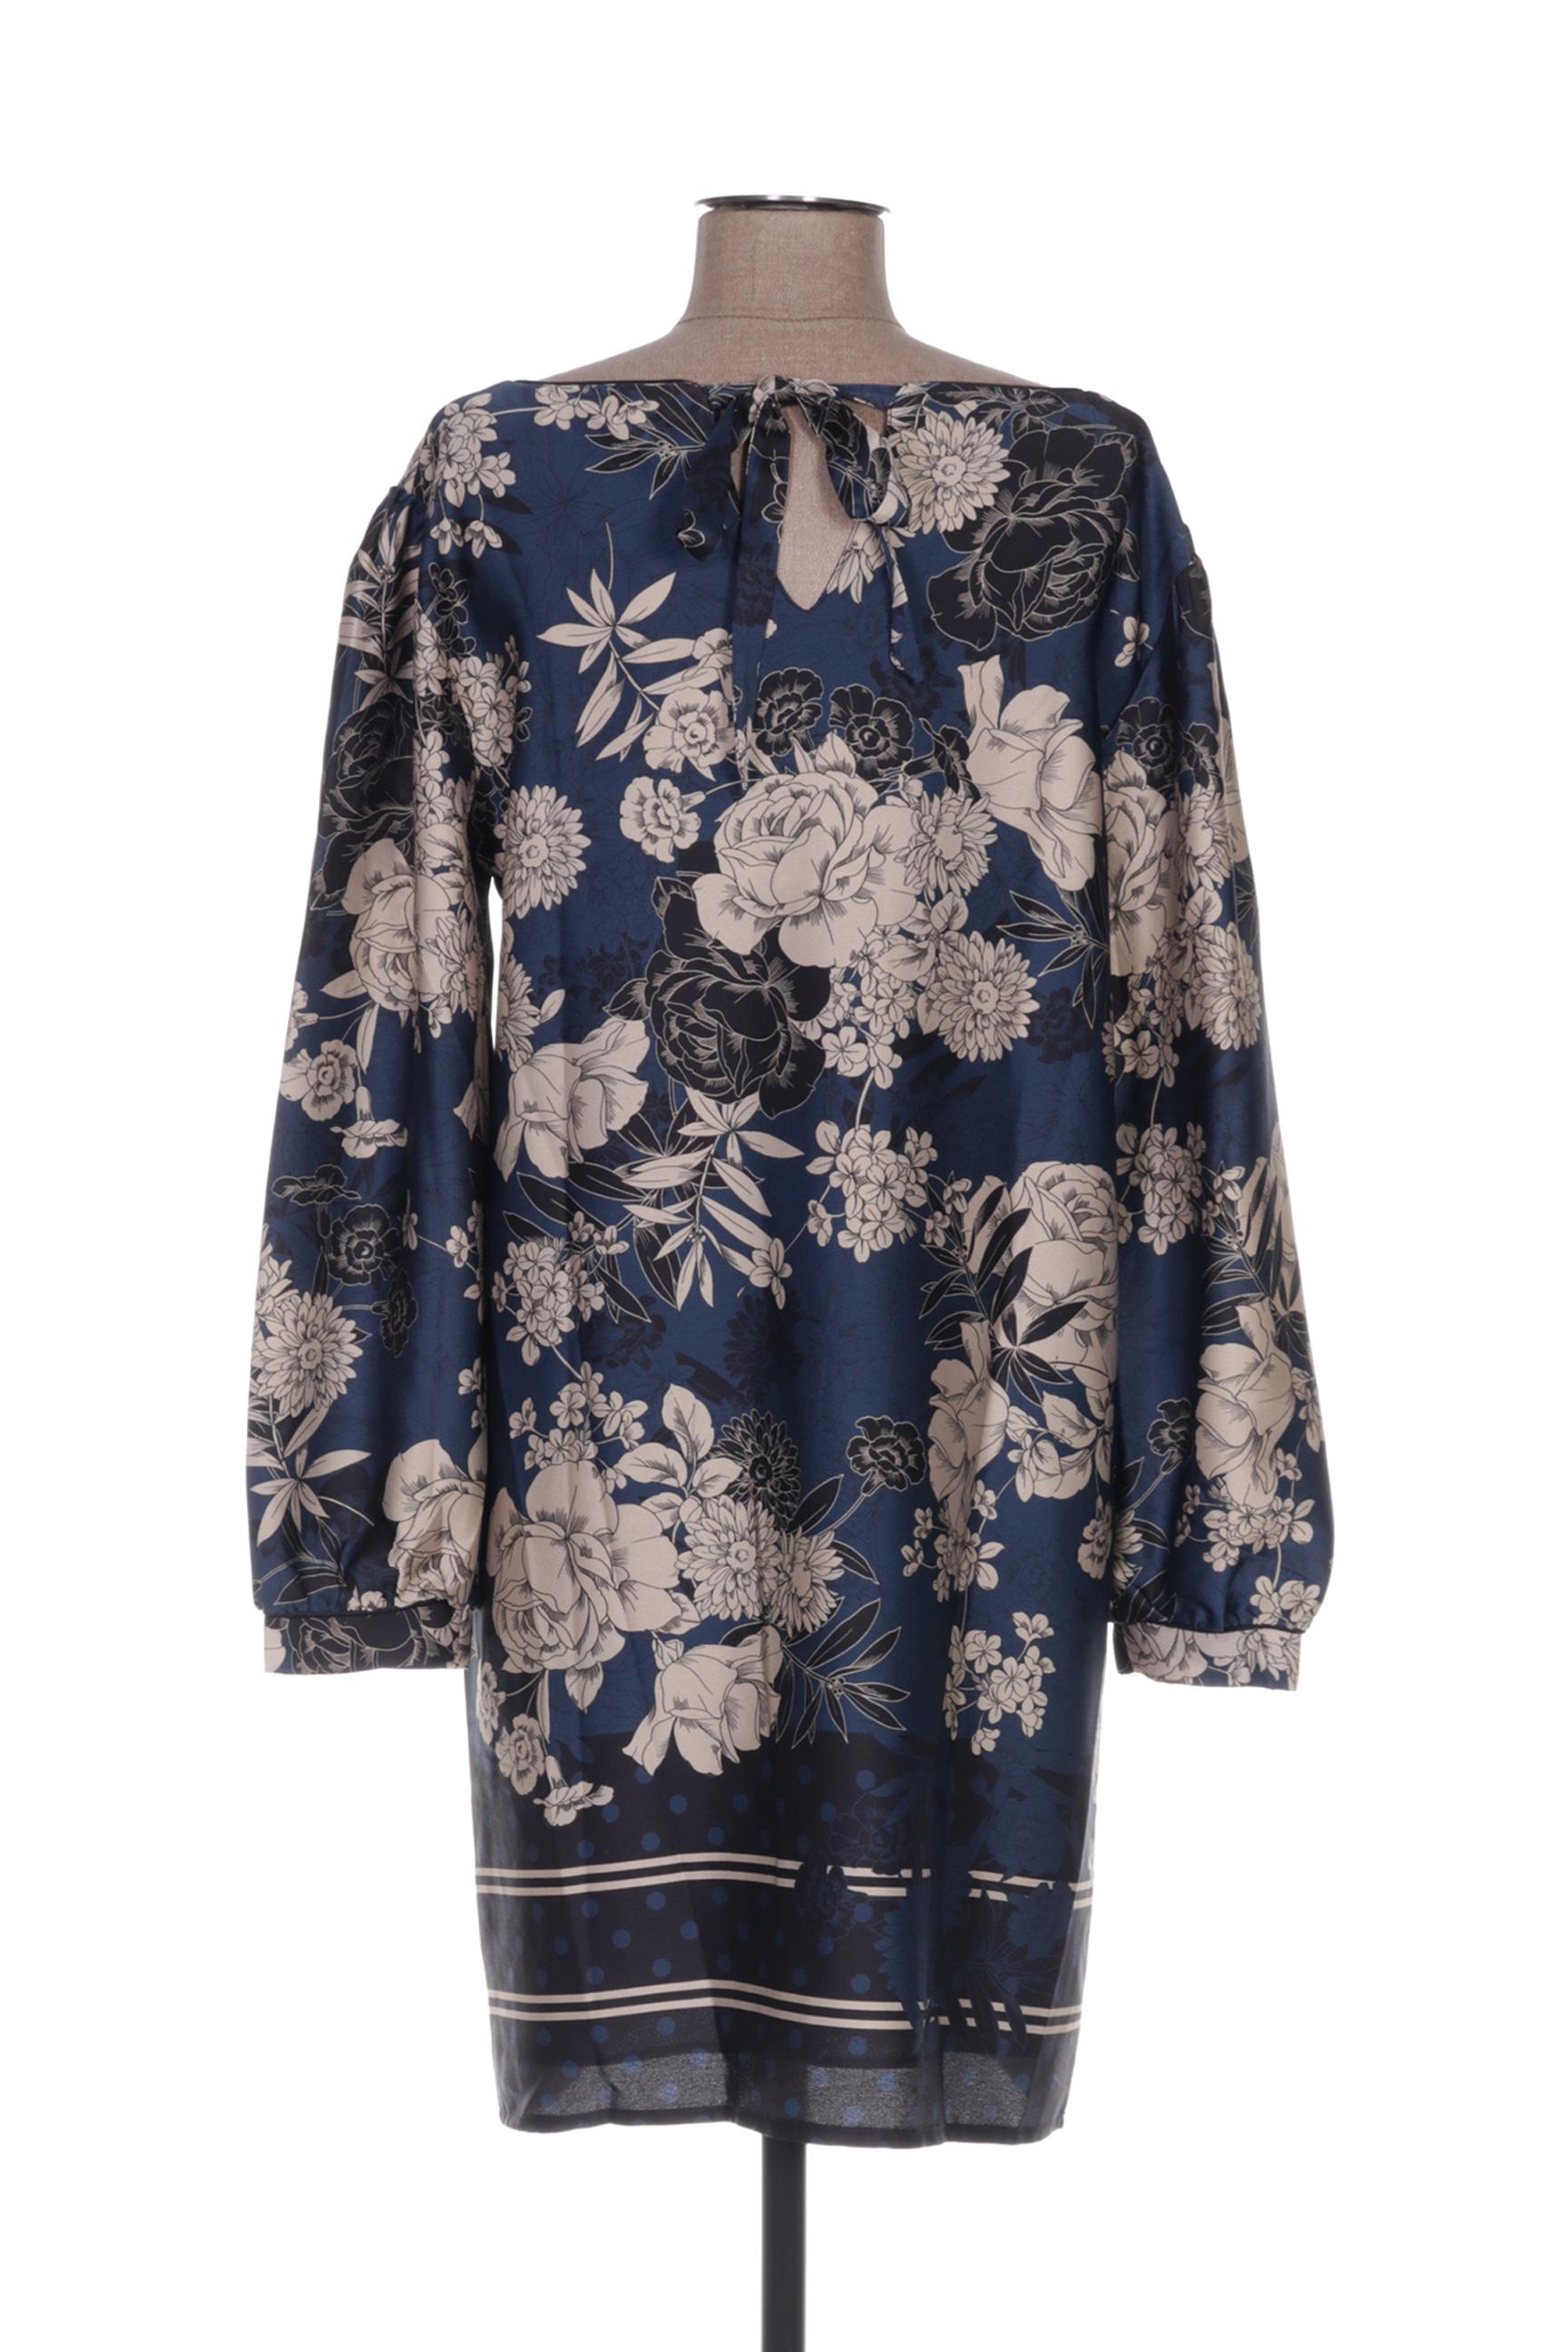 La Fee Maraboutee Robes Mi Longues Femme De Couleur Bleu En Soldes Pas Cher 1357669-bleu00